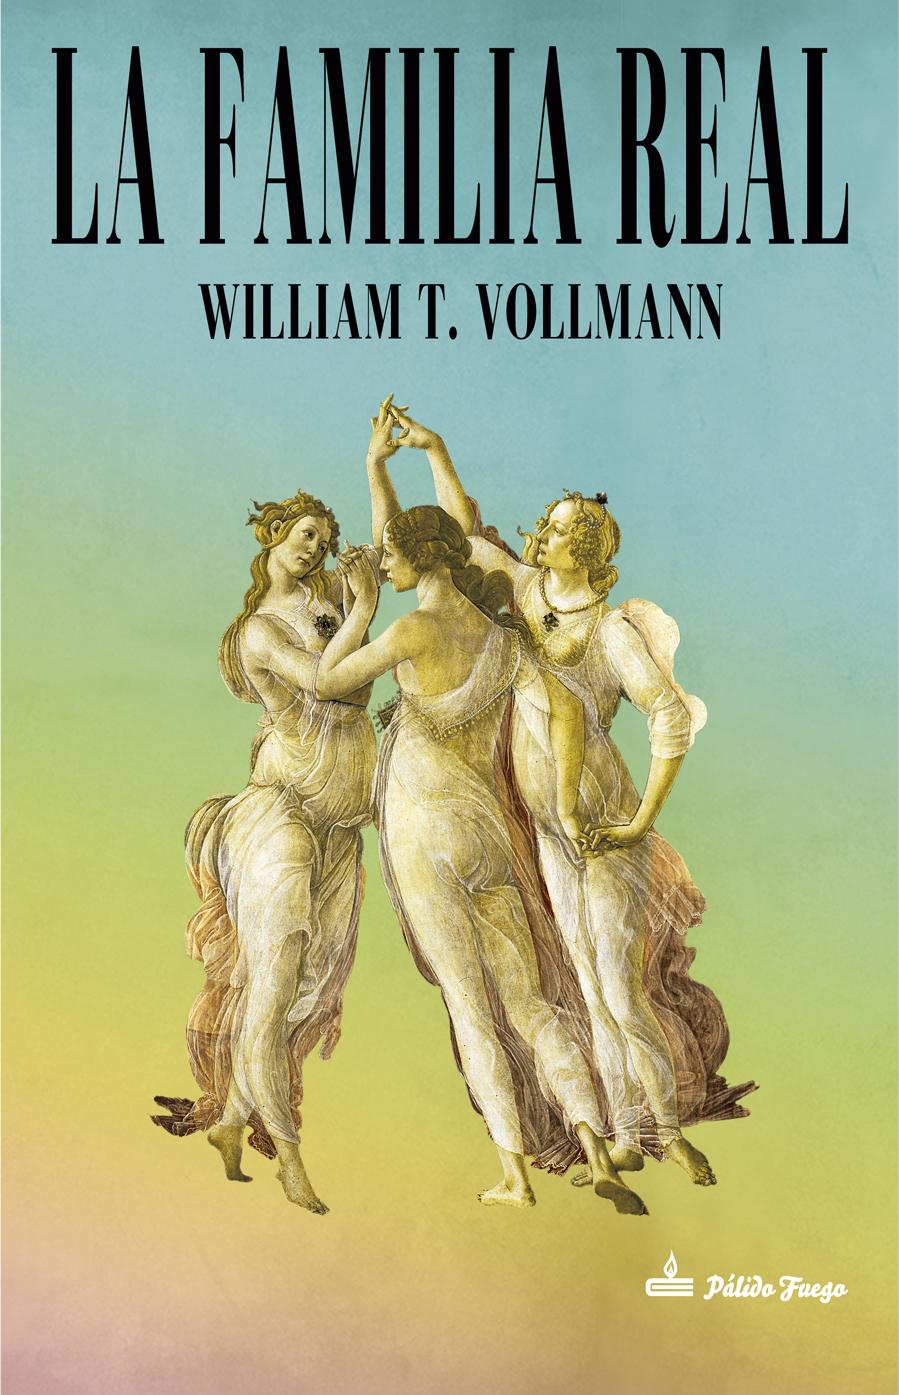 Resultado de imagen para la familia real william t vollmann